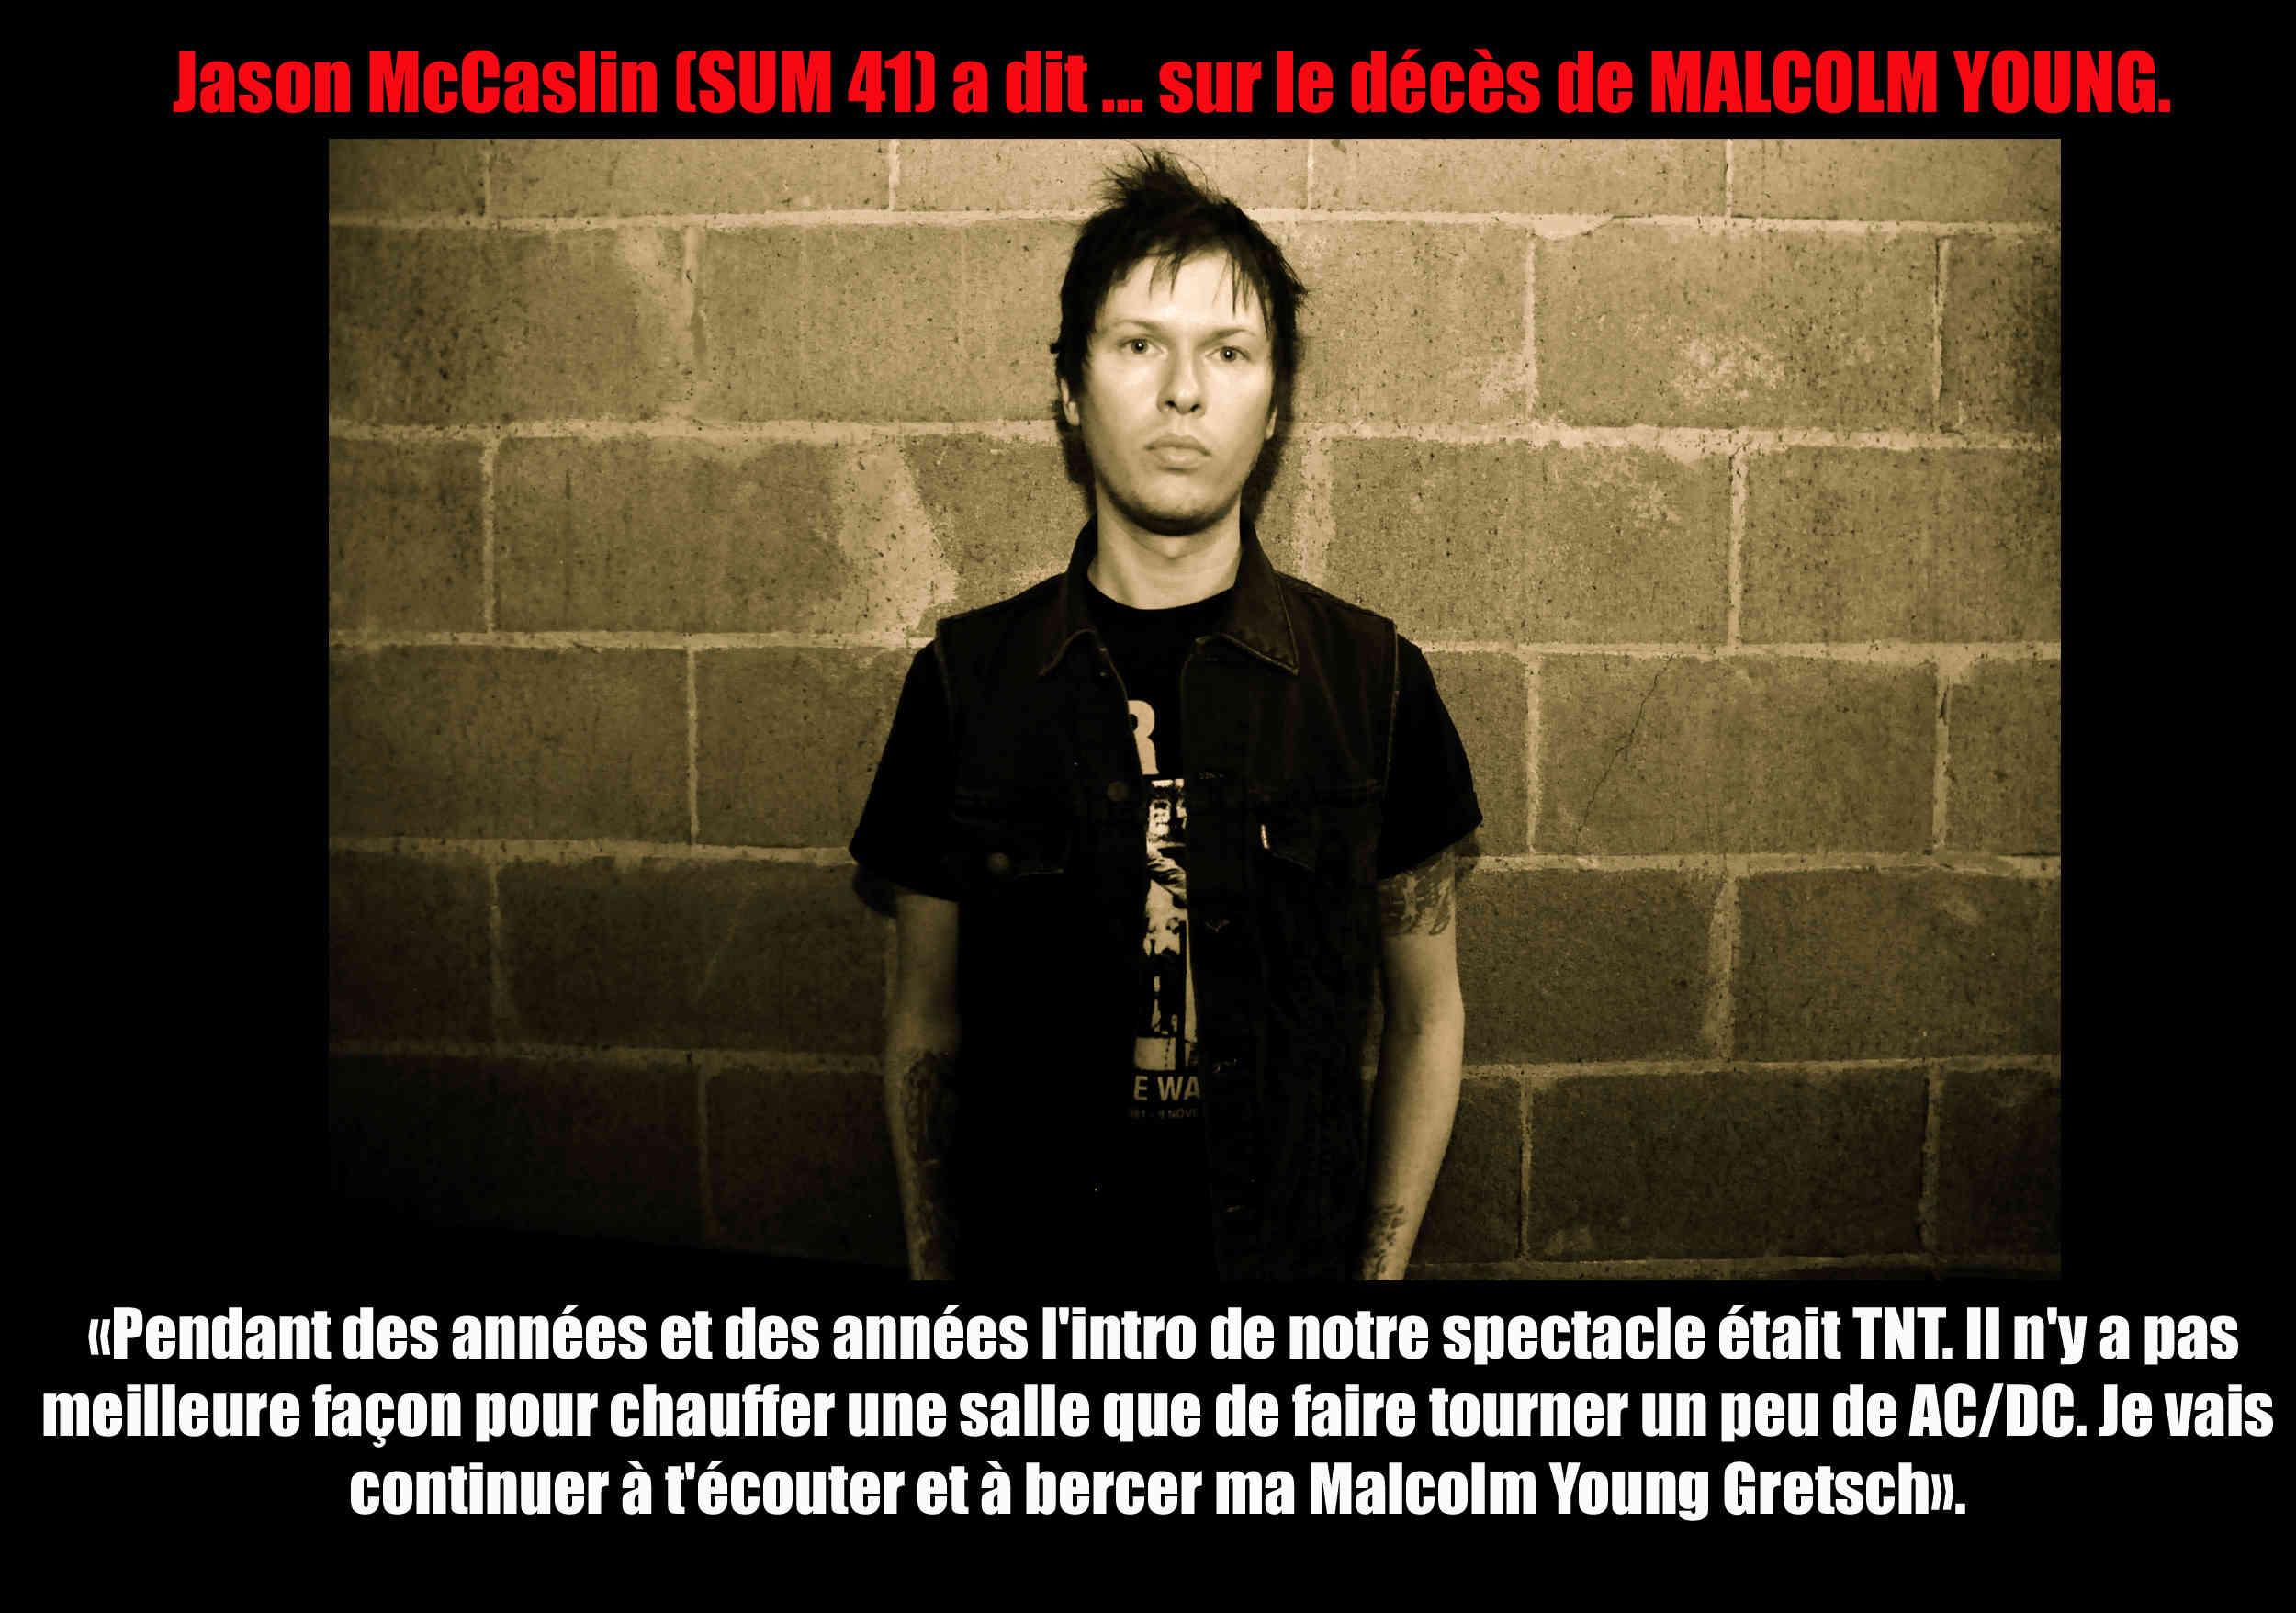 Jason McCaslin (SUM 41) a dit ... sur le décès de MALCOLM YOUNG. 117